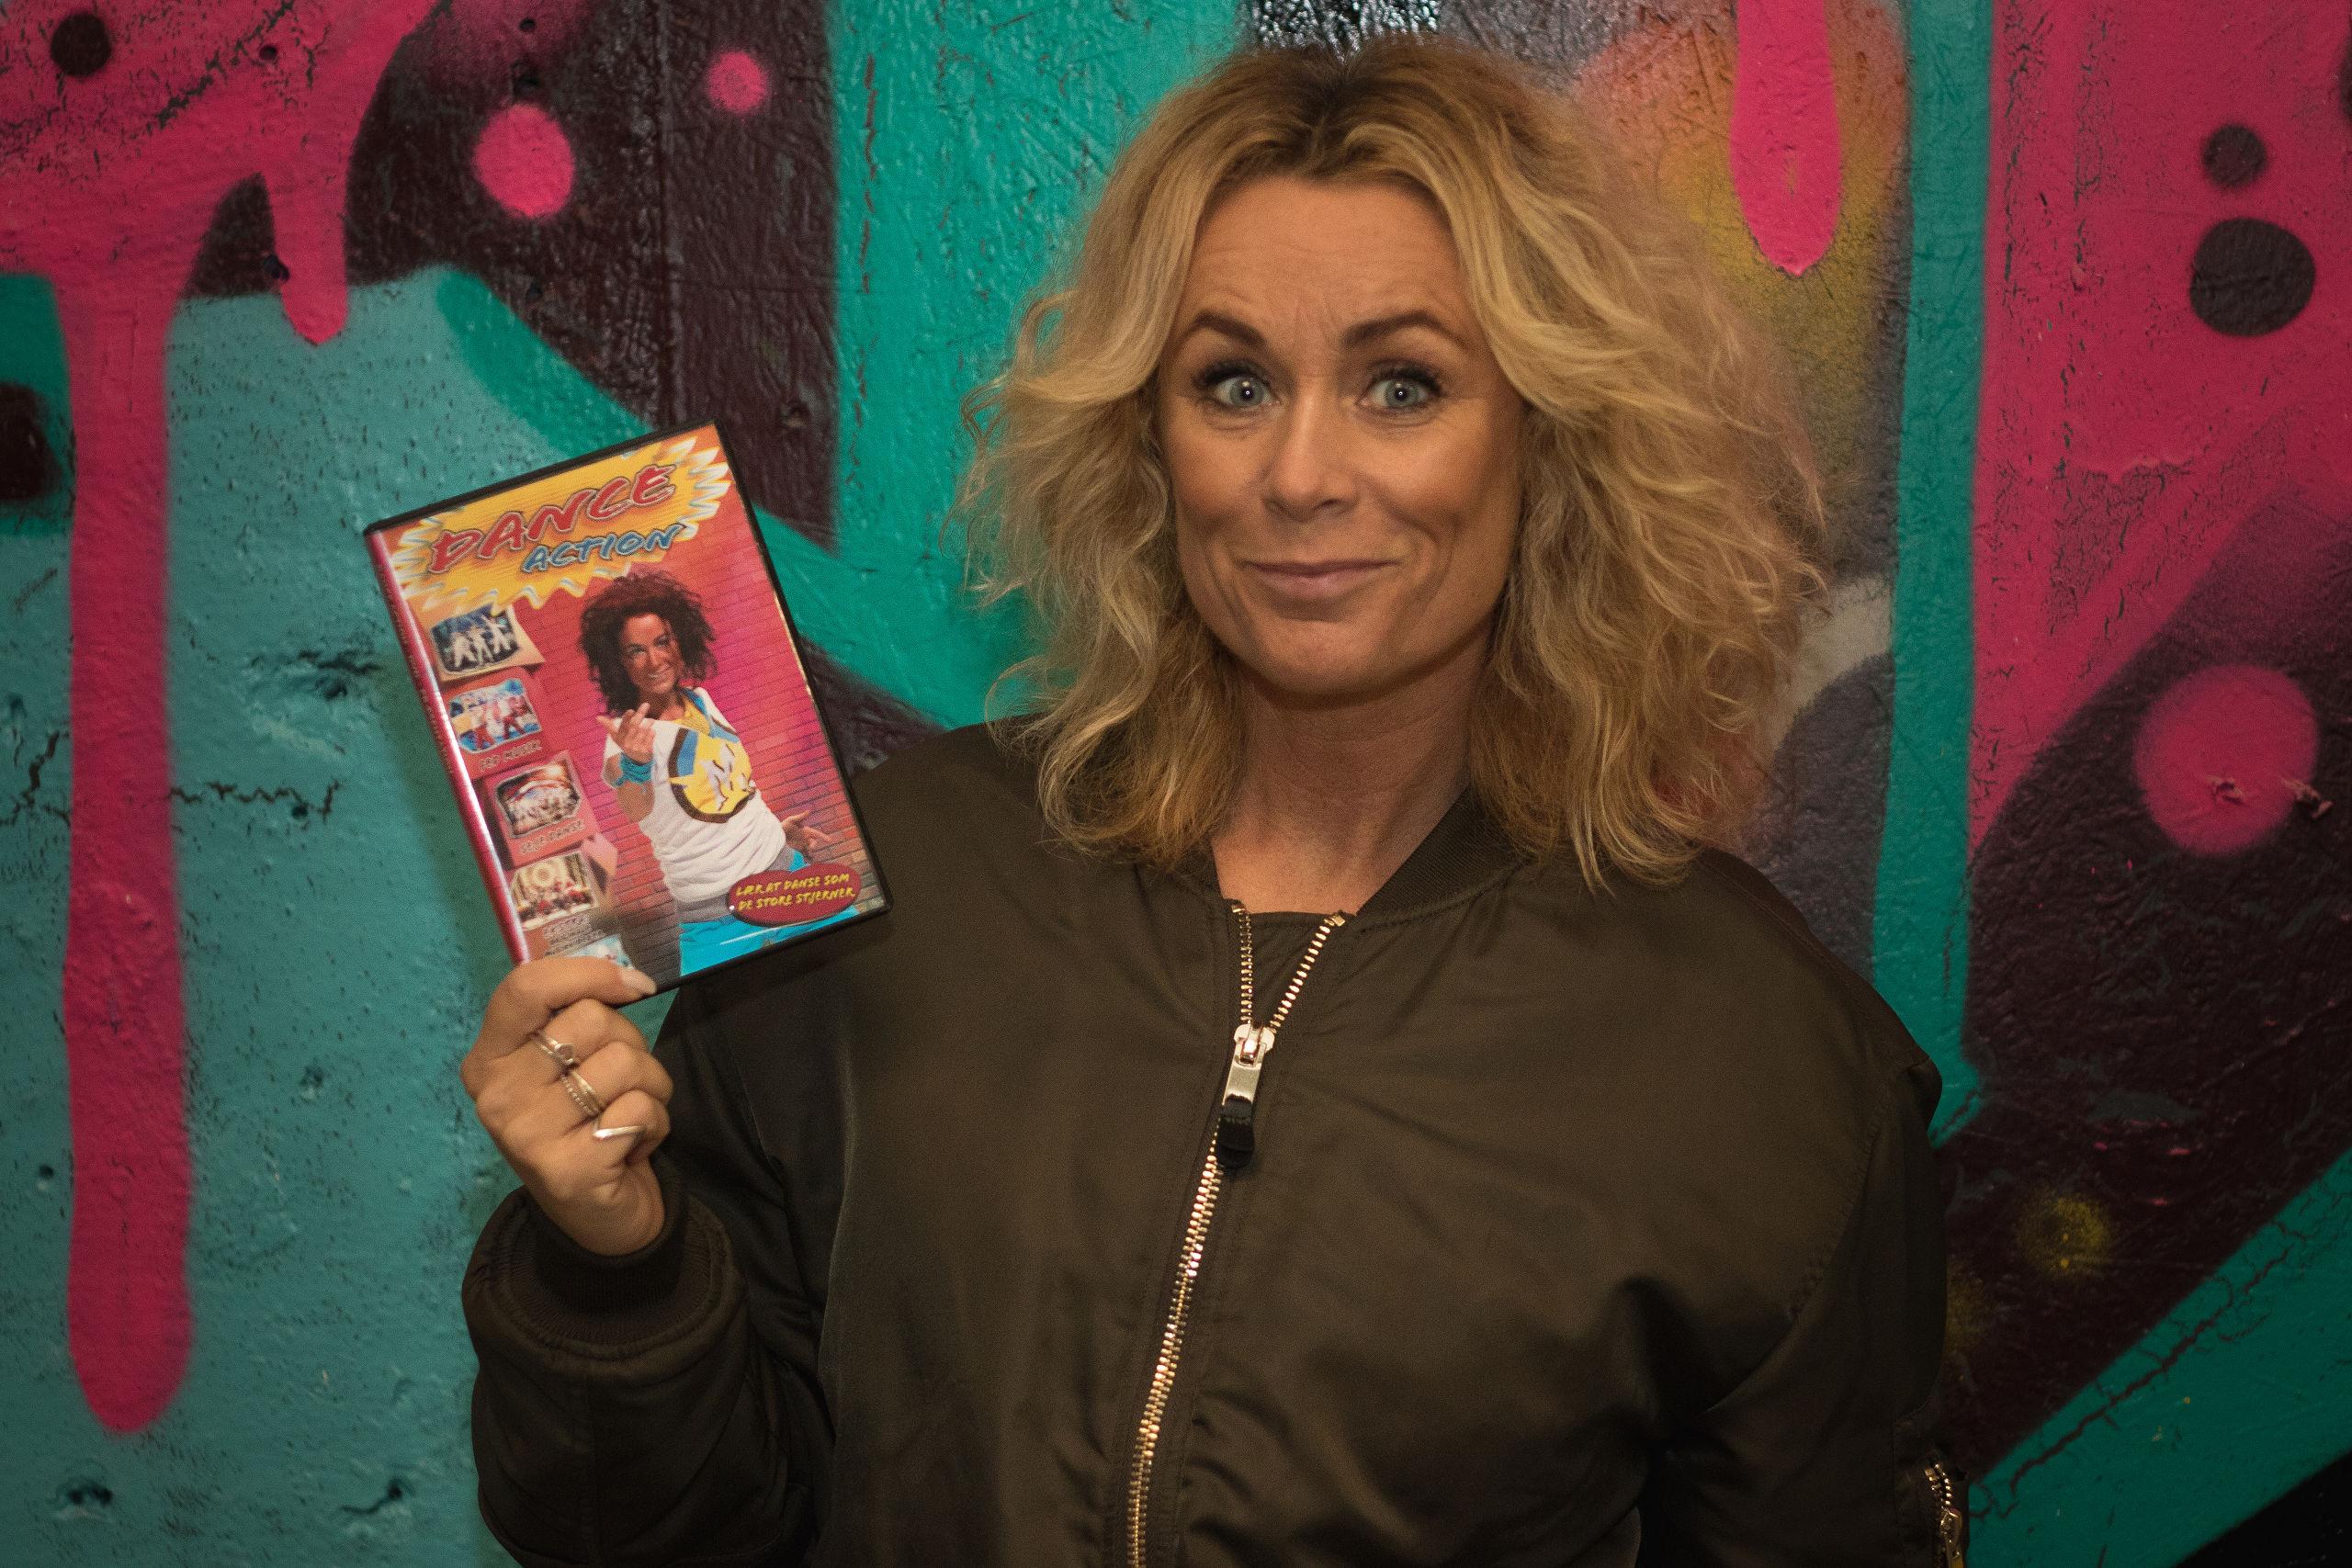 Rikke Bruun Mortensen stod bag den første danse-DVD ... nu tager hun et nyt, digitalt danseskridt. Privatfoto